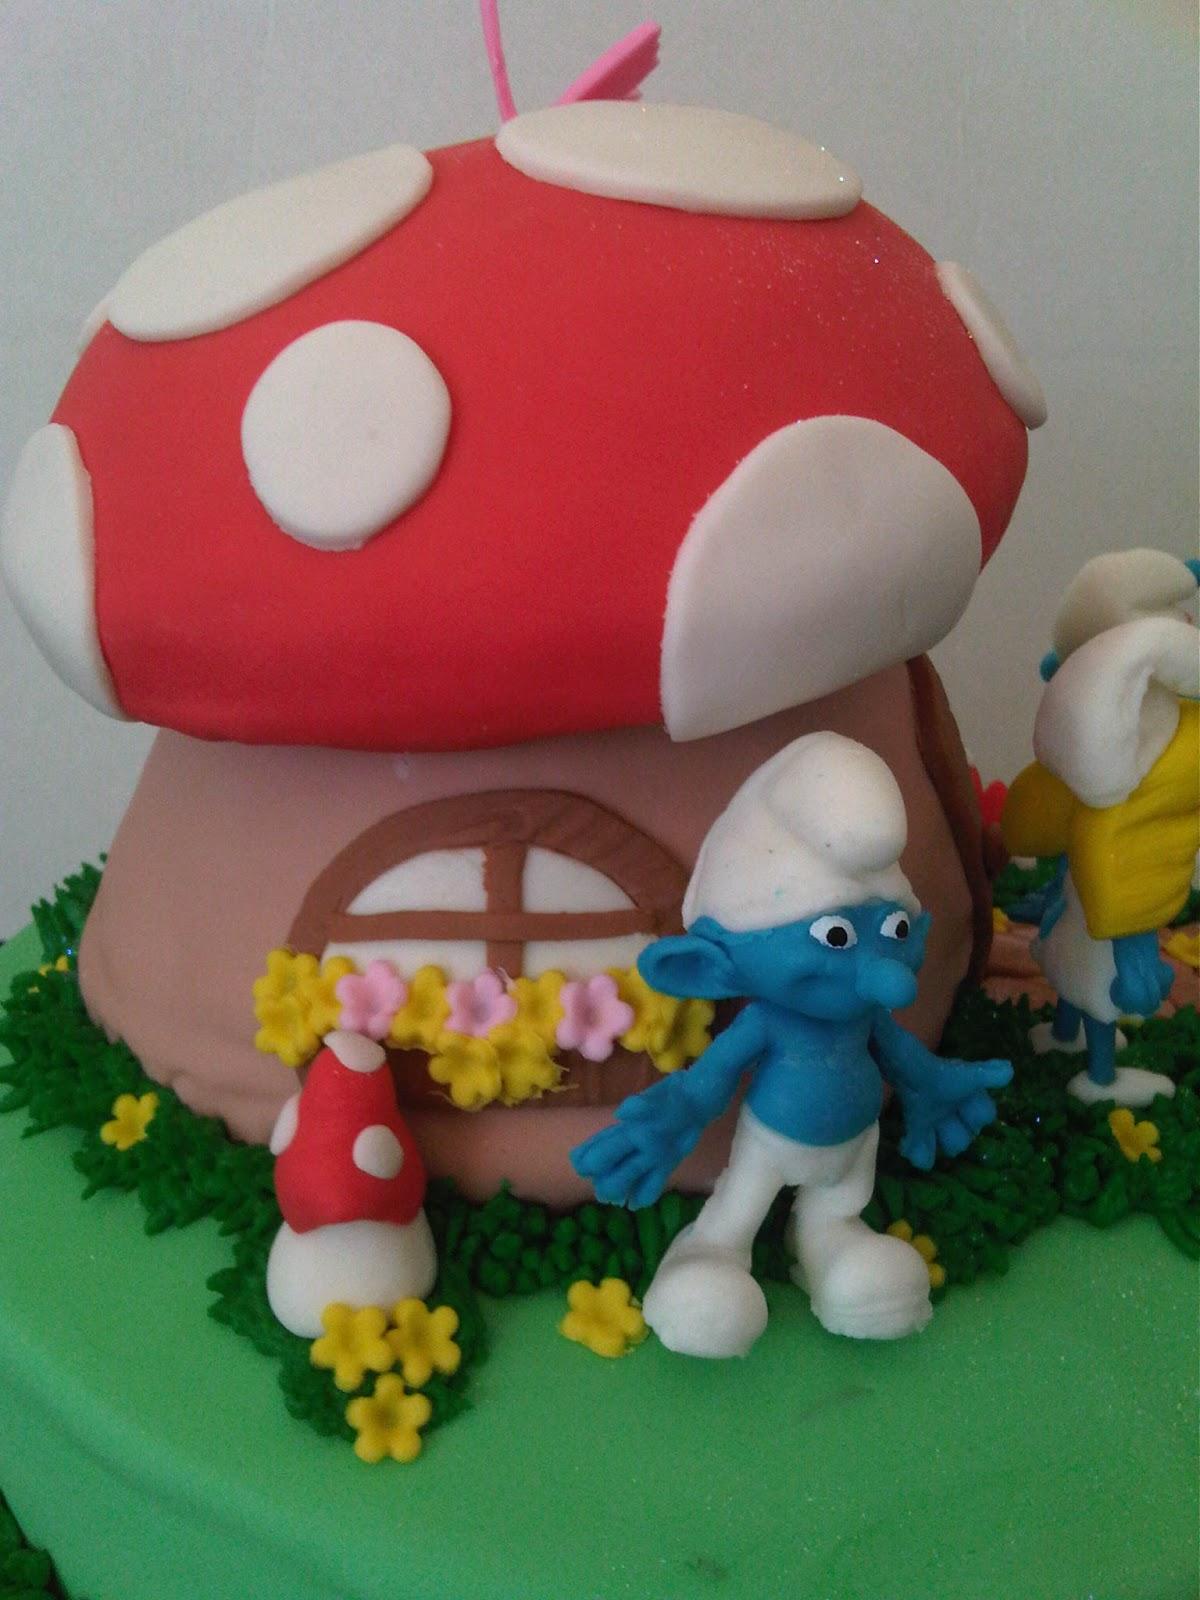 Smurf Mushroom House Cake Ideas And Designs